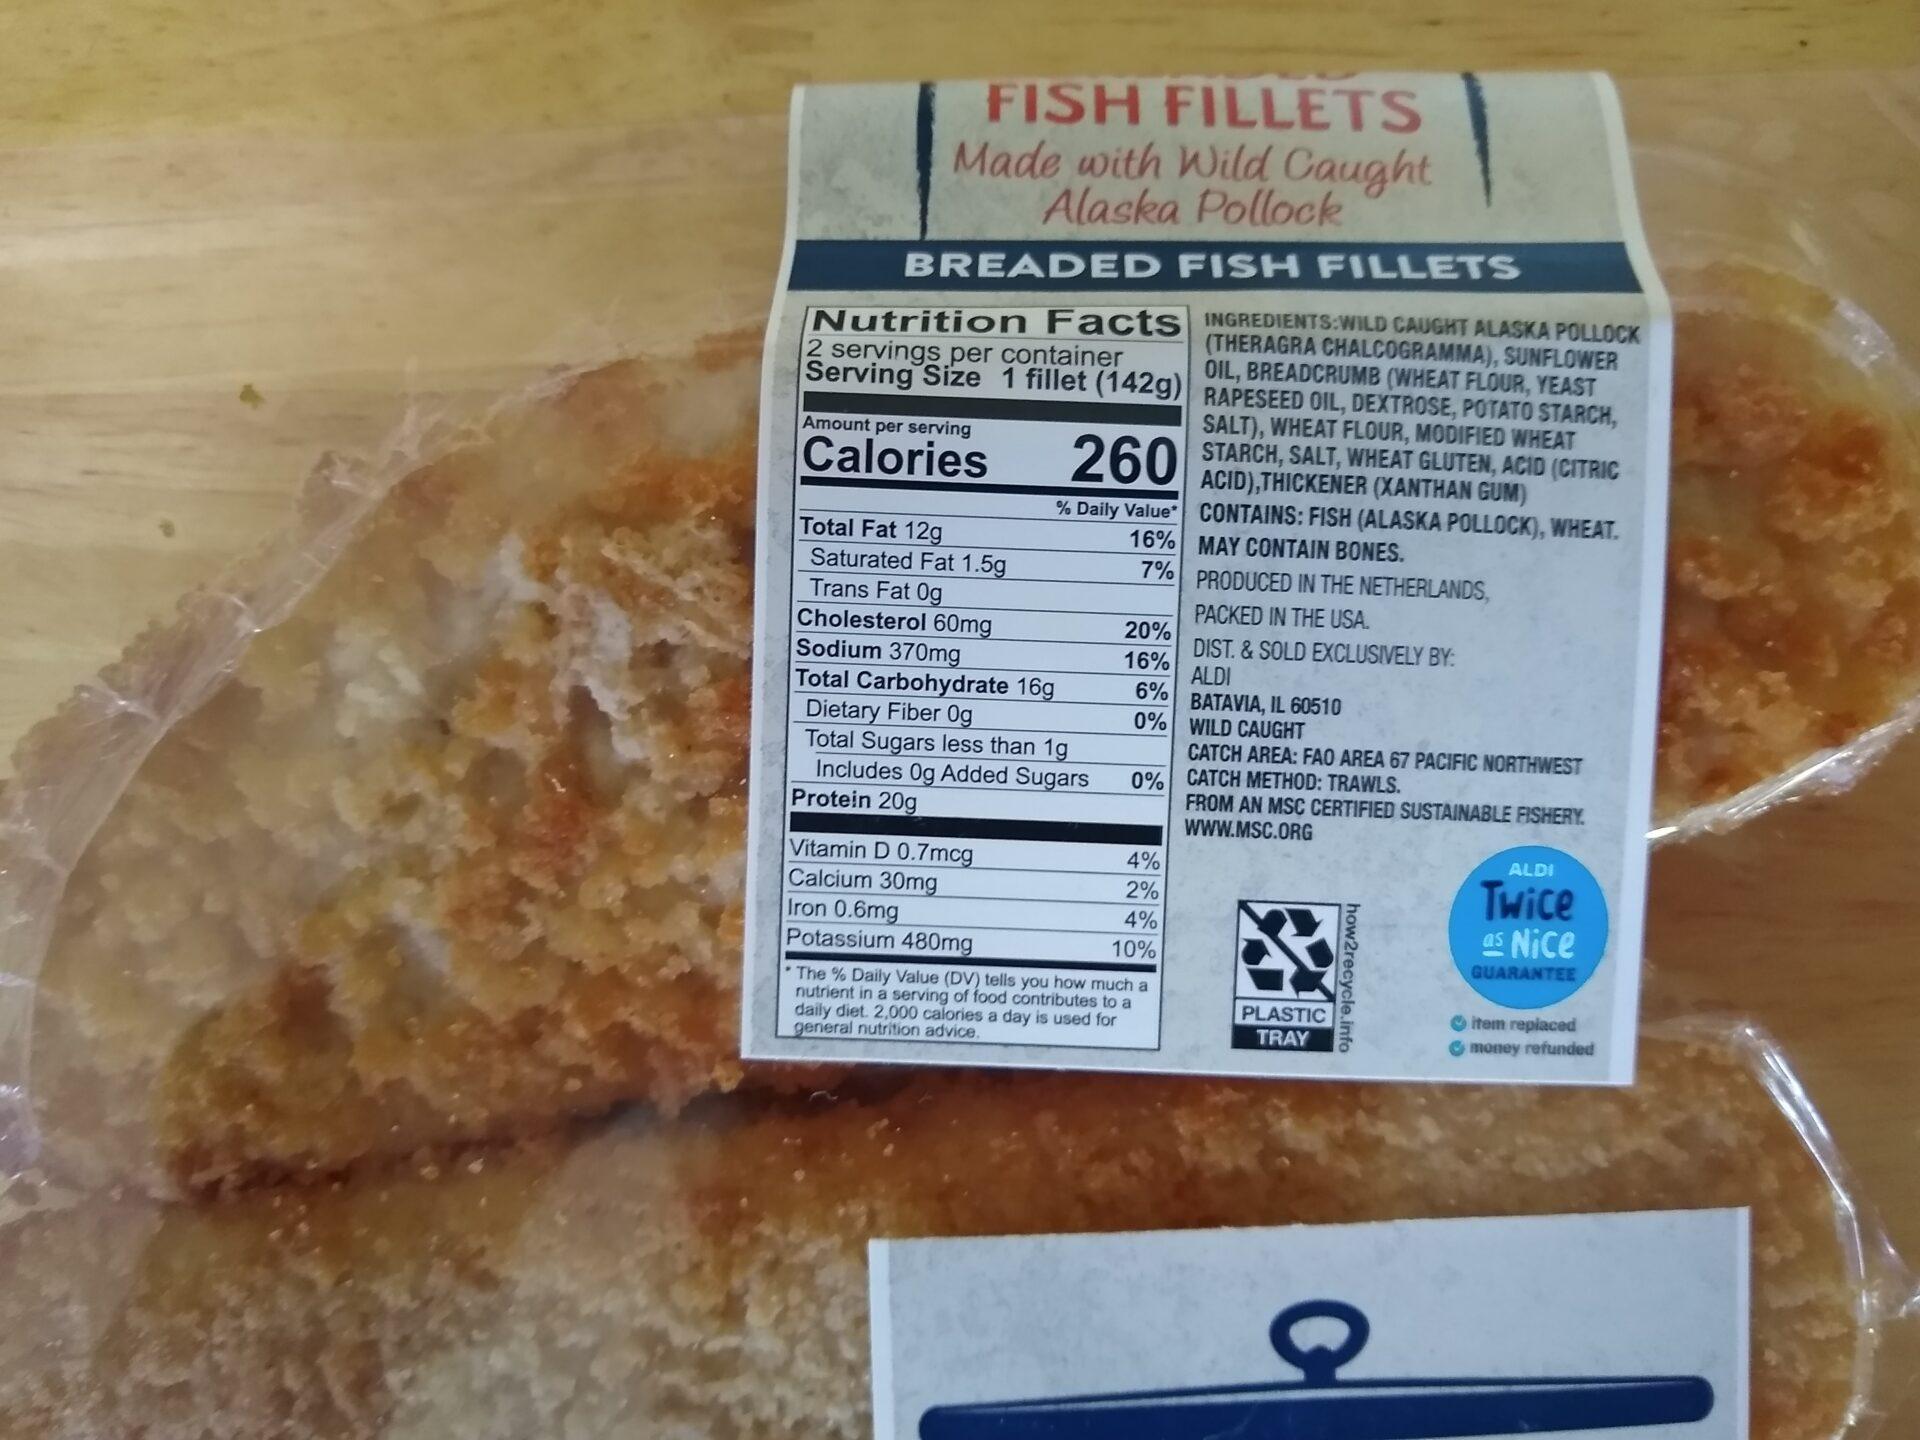 Aldi Breaded Fish Fillets